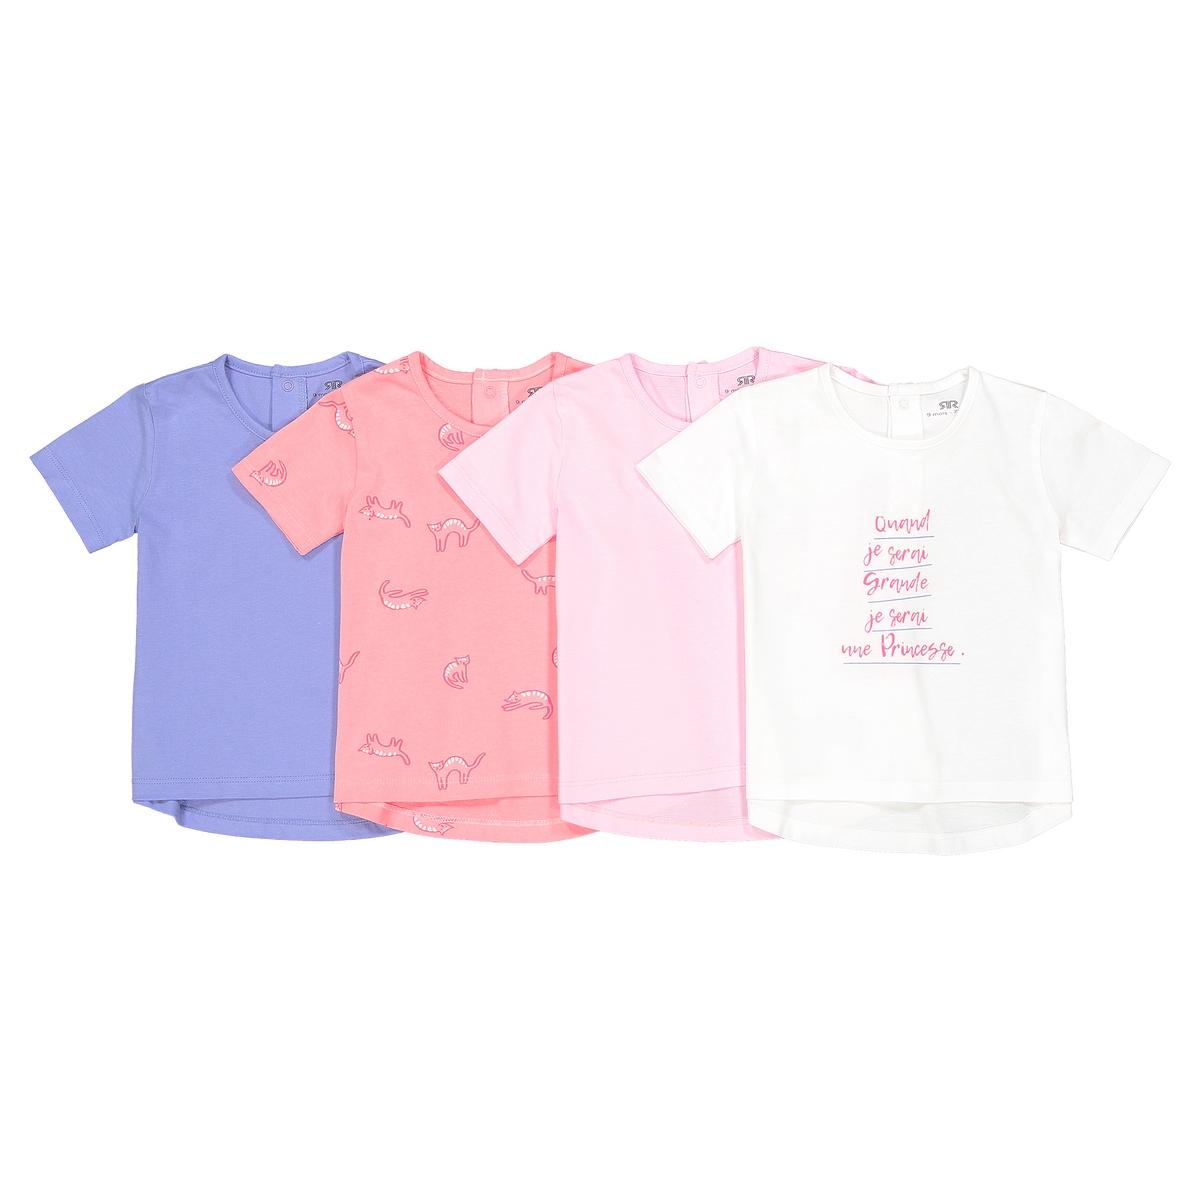 Комплект из 4 футболок, 1 мес. - 3 года Oeko Tex